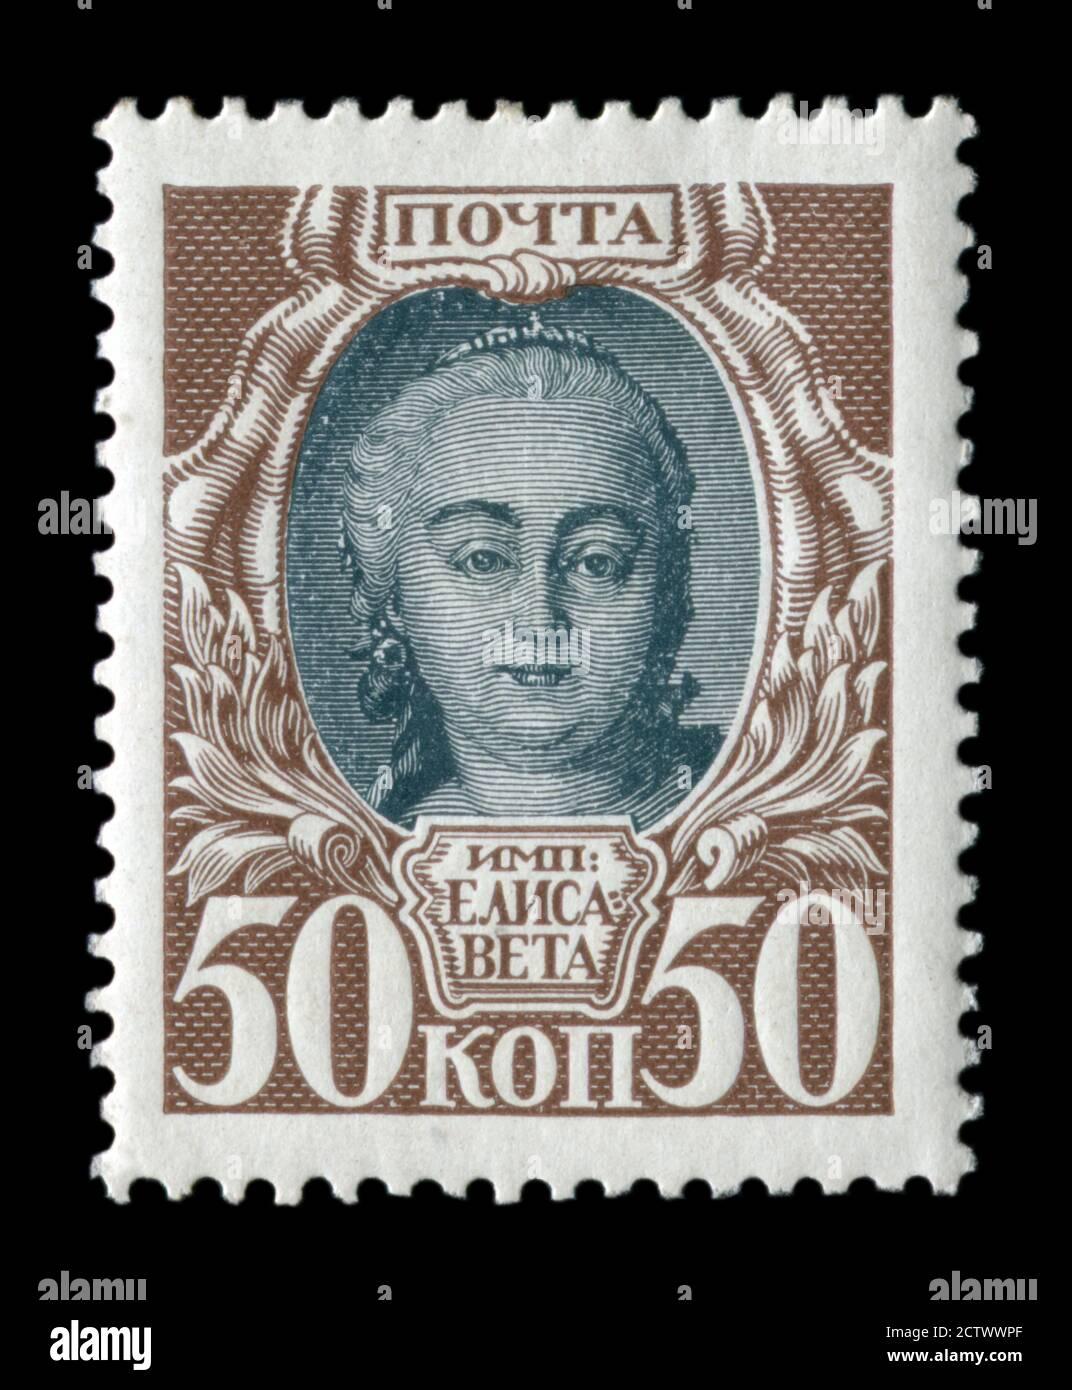 Timbre-poste historique russe : 300e anniversaire de la maison de Romanov. Dynastie tsariste de l'Empire russe, Élisabeth de Russie, 1613-1913 Banque D'Images